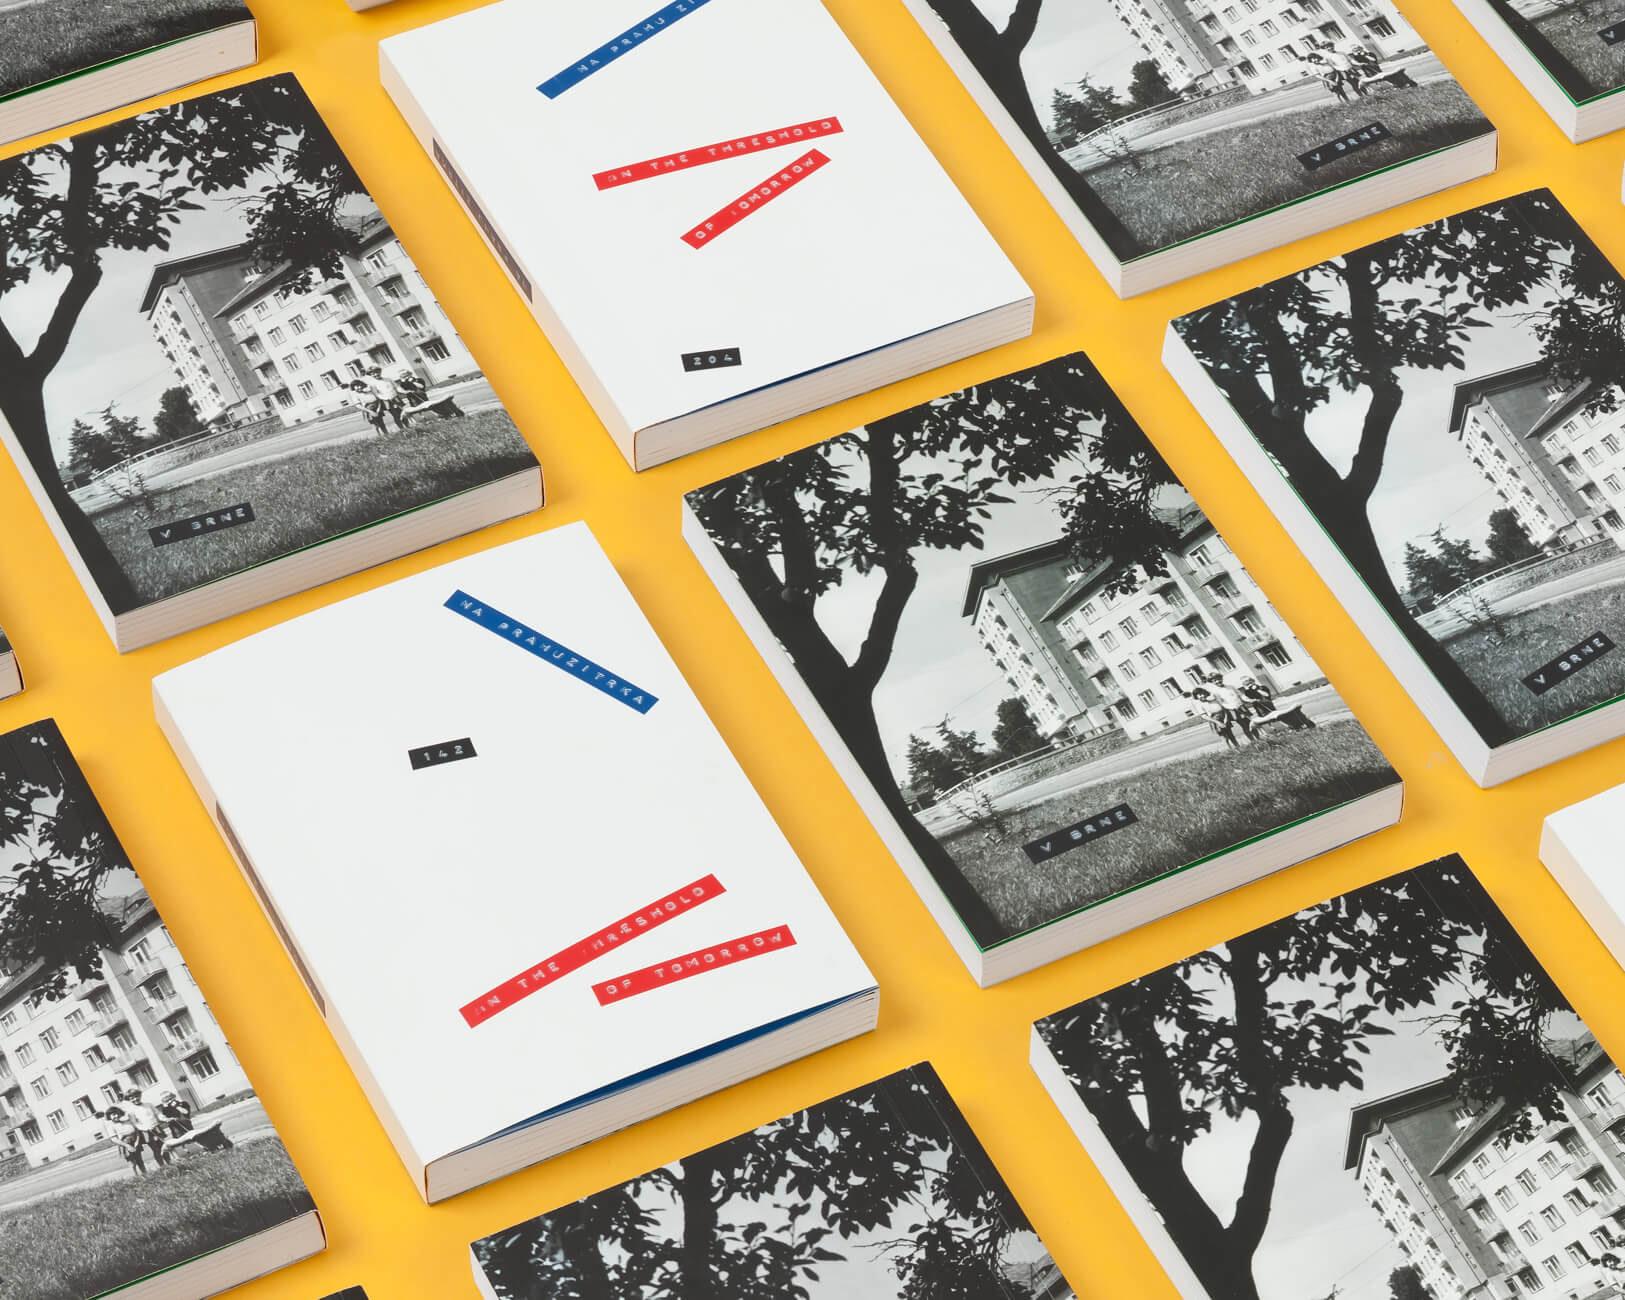 Na prahu zítřka: Brněnská architektura a vizuální kultura období socialismu